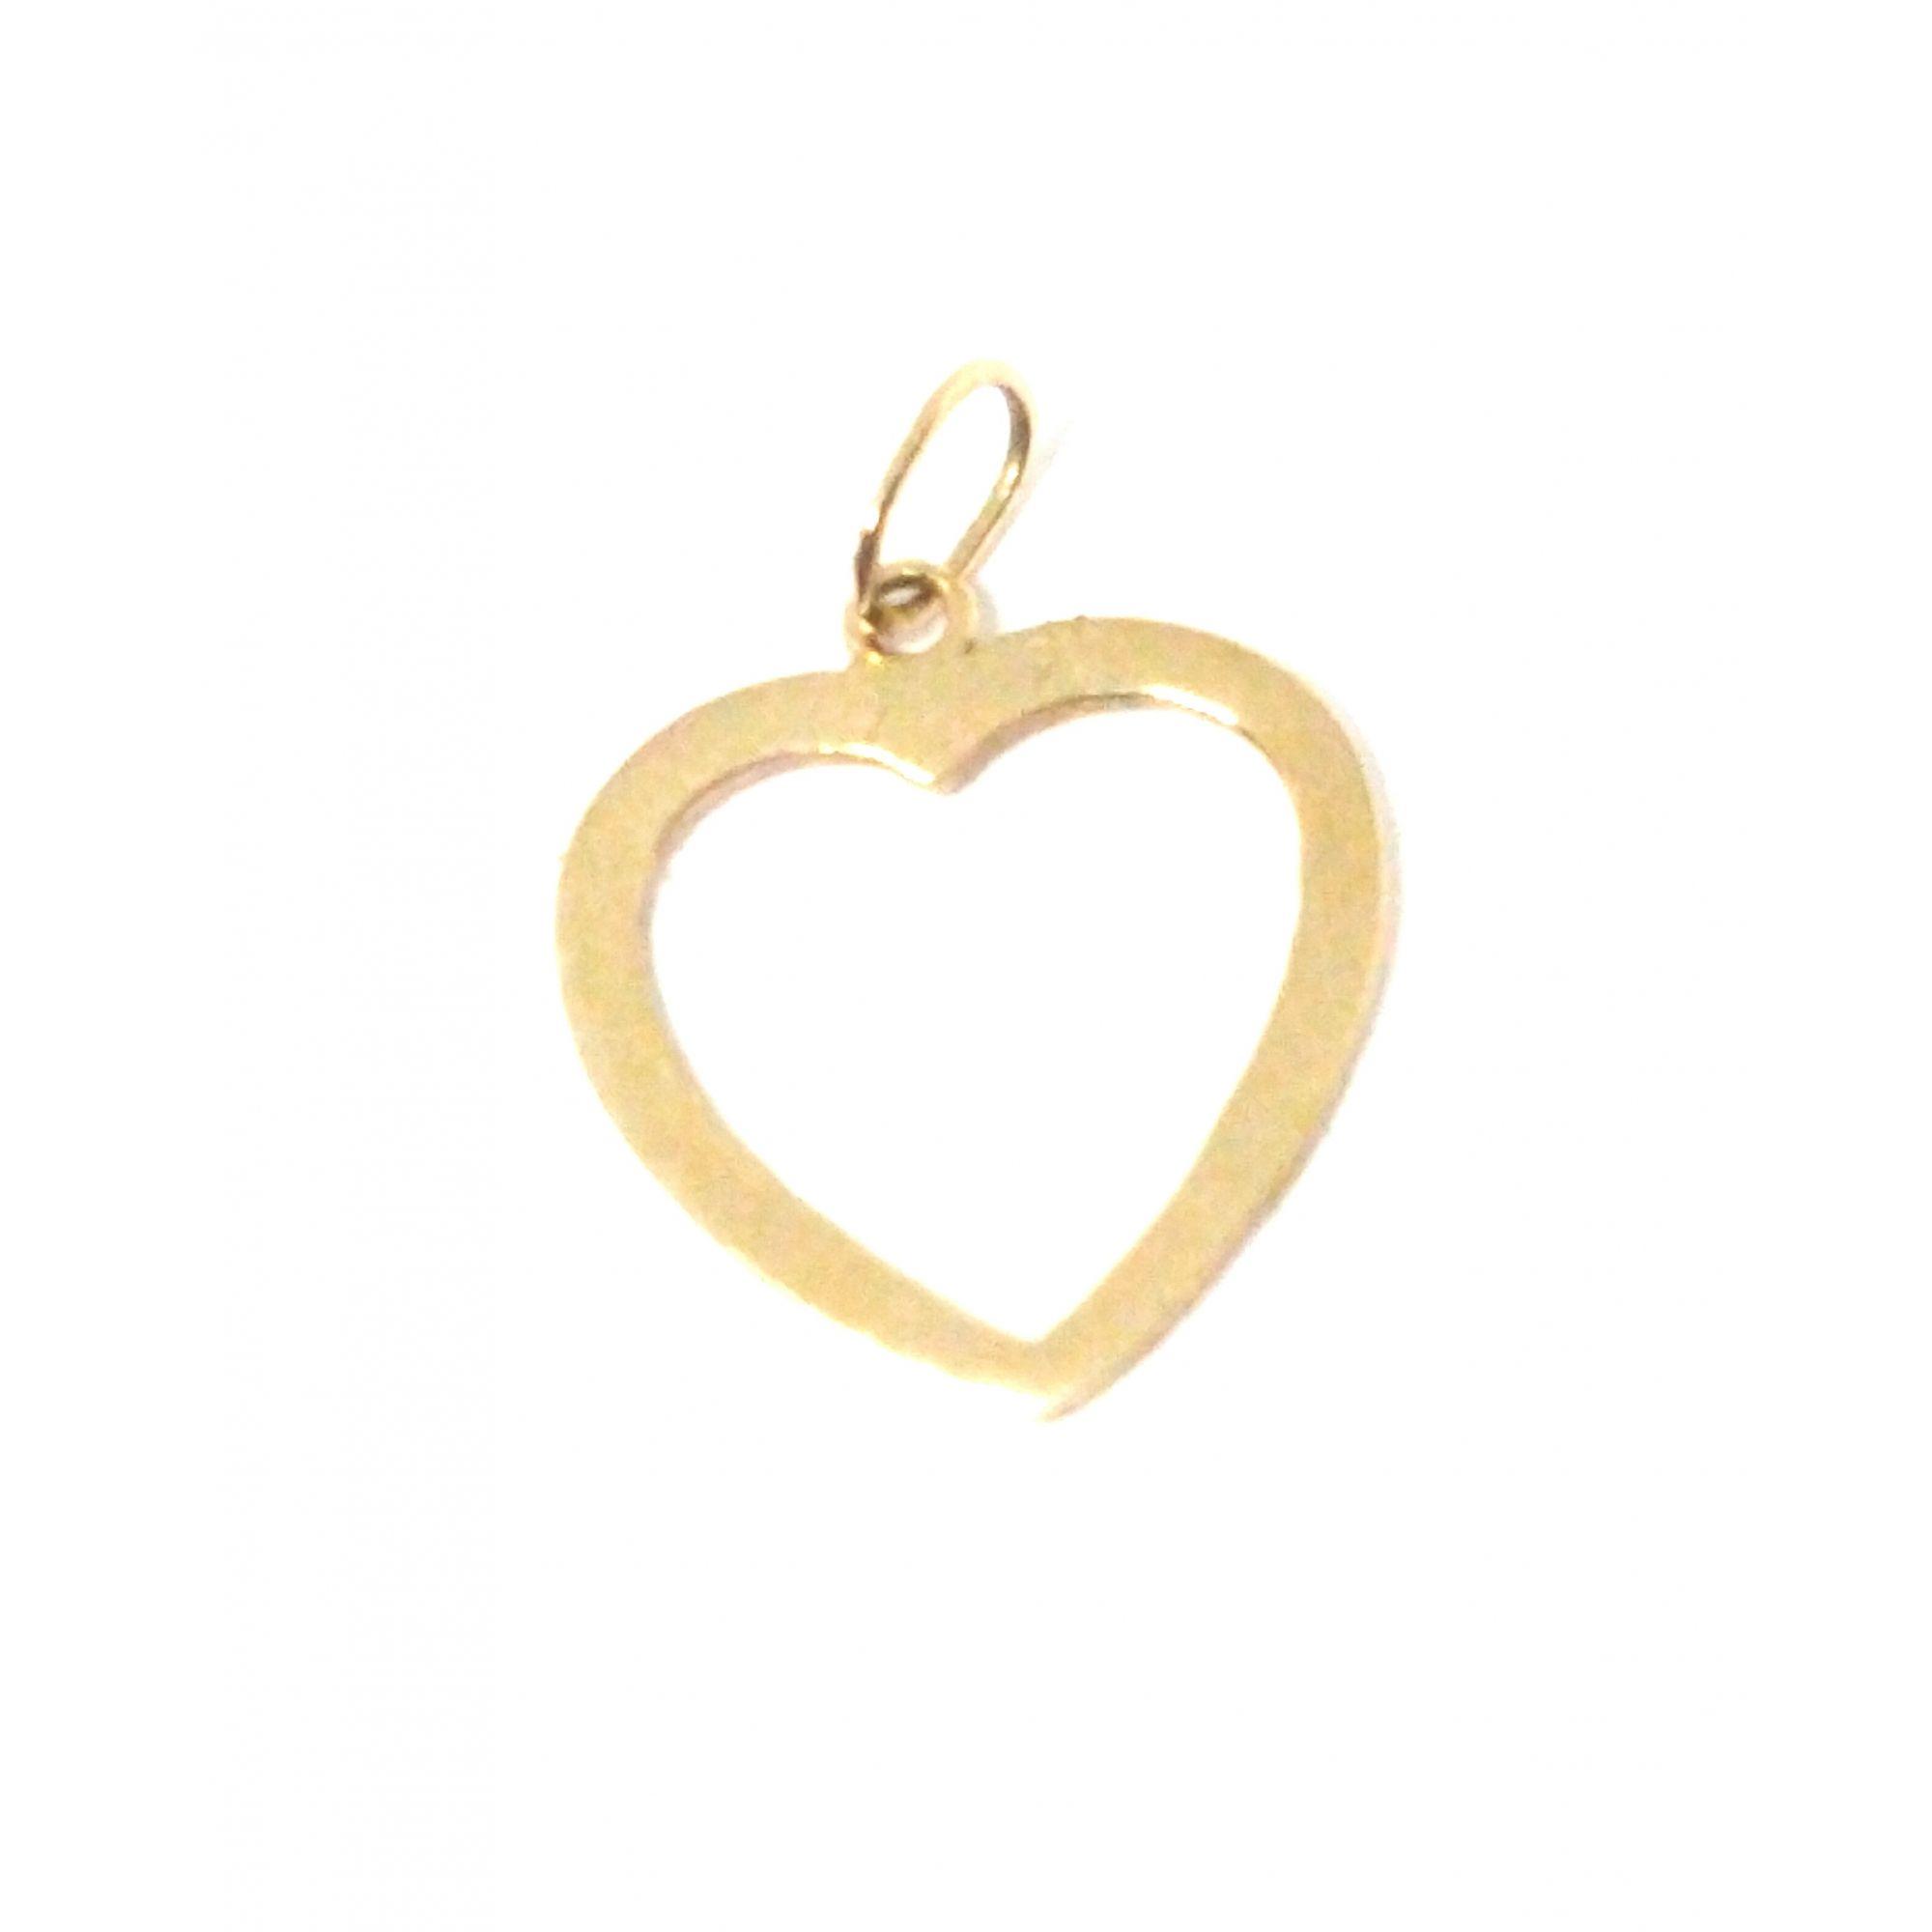 Pingente em ouro 18k Coração Vazado